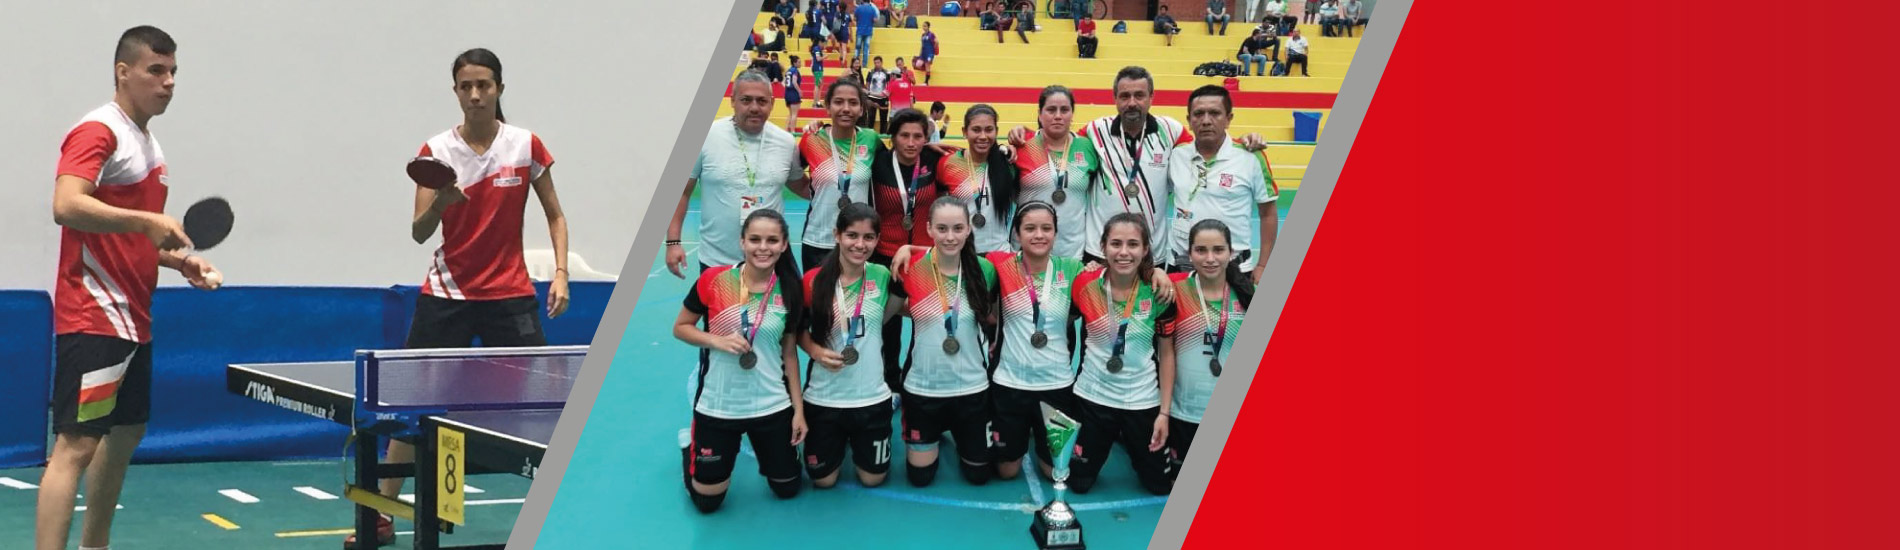 Destacada participación de los deportistas UFPS en los XXVII Juegos Regionales Universitarios Ascun 2018